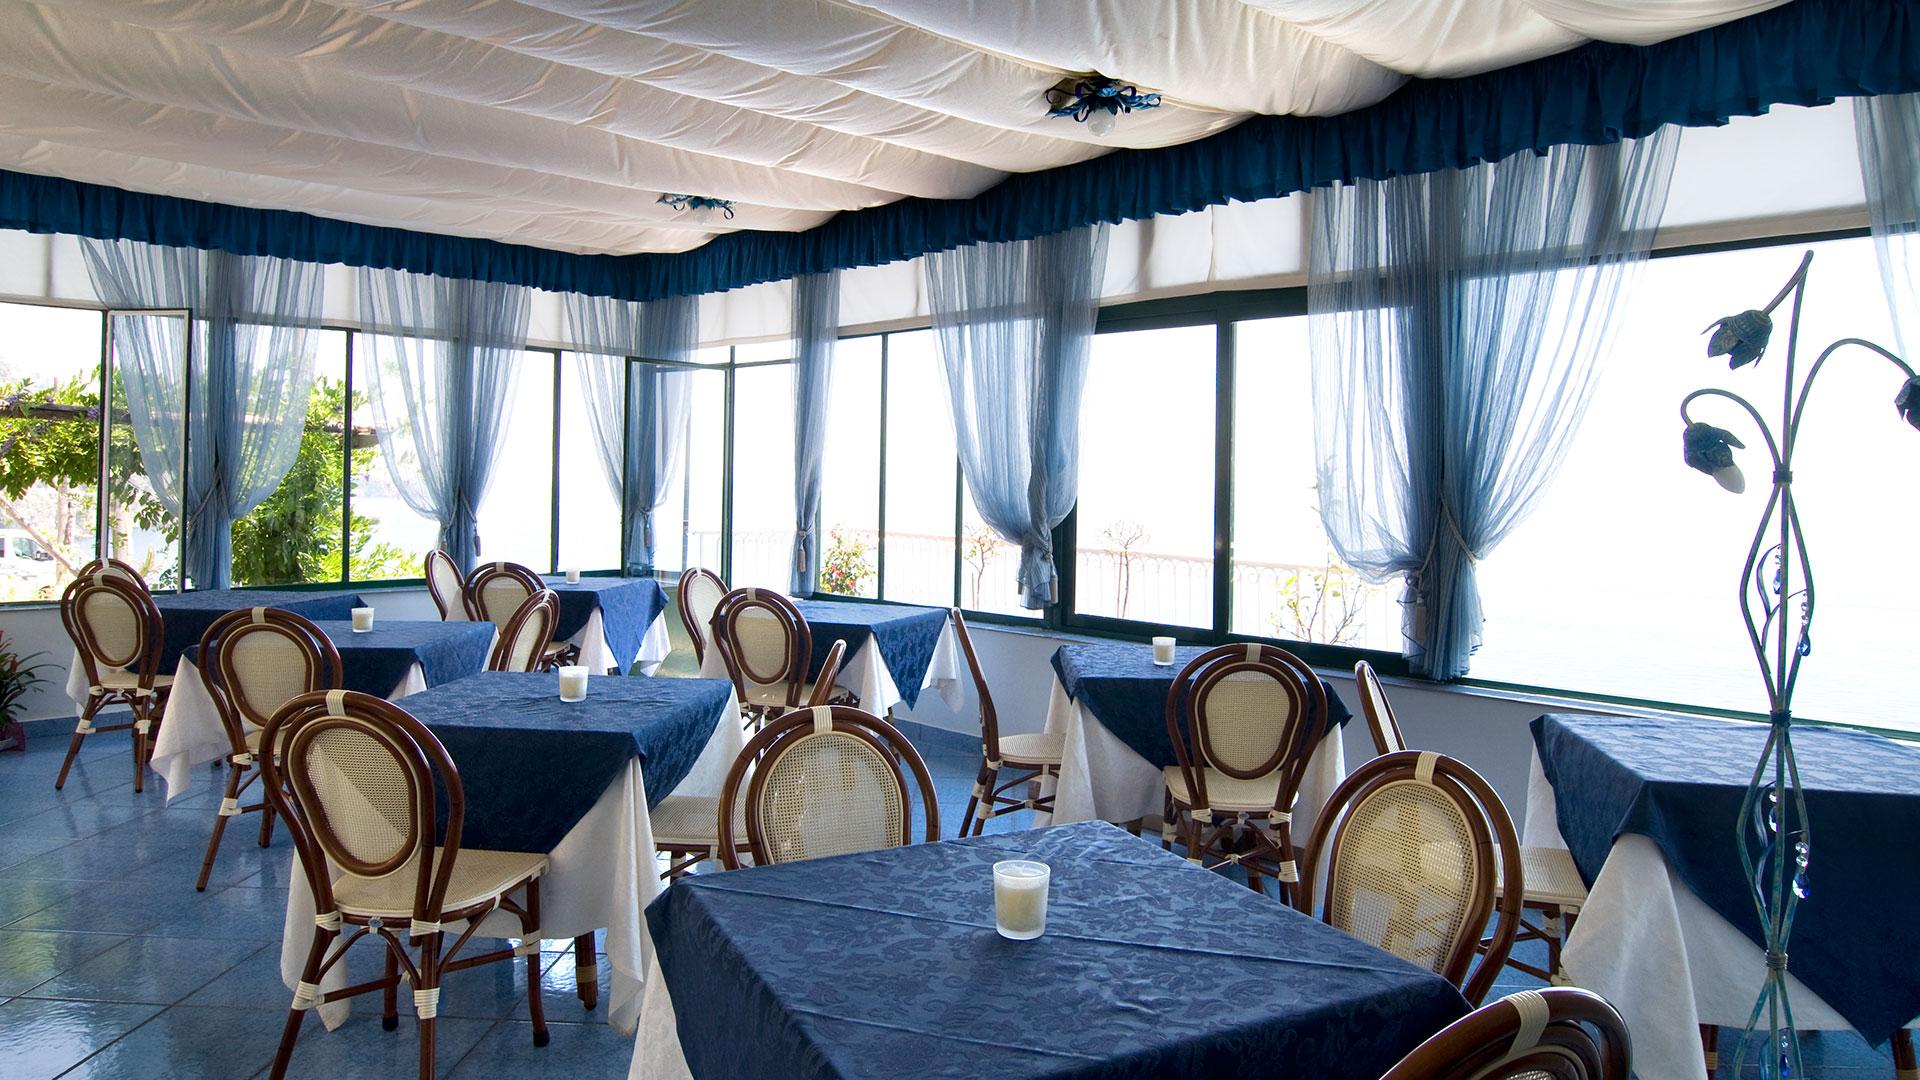 Contract e forniture bar ristoranti arredamenti e forniture in costiera amalfitana salerno - Subito it tavoli e sedie usate ...